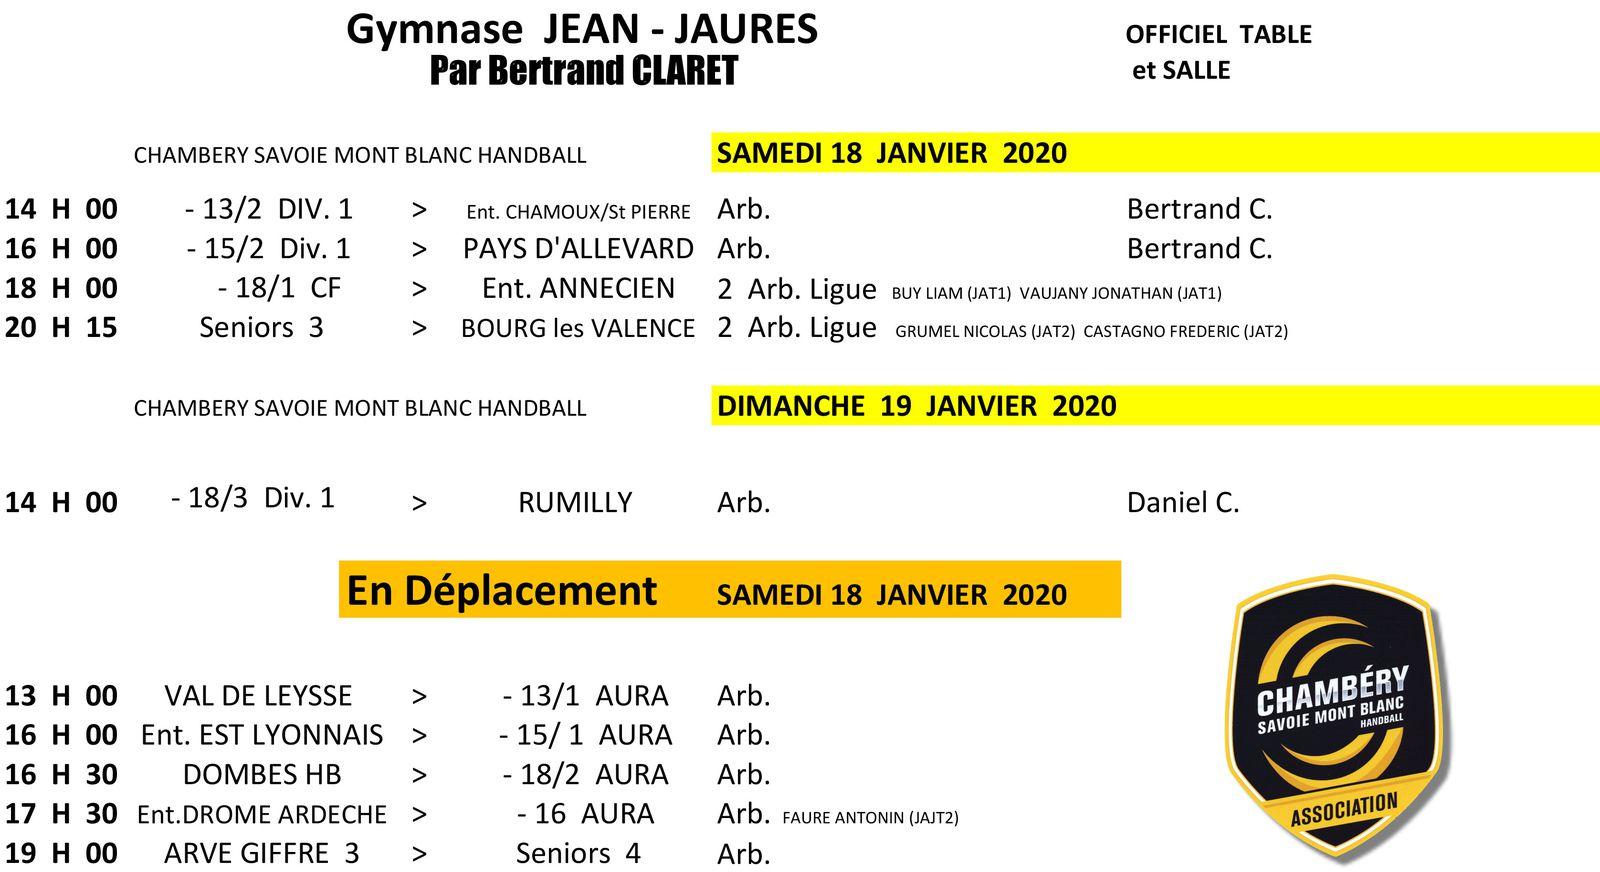 CHAMBERY amateur le planning des matchs du WEEK-HAND 18 et 19 janvier 2020 par Bertrand CLARET.